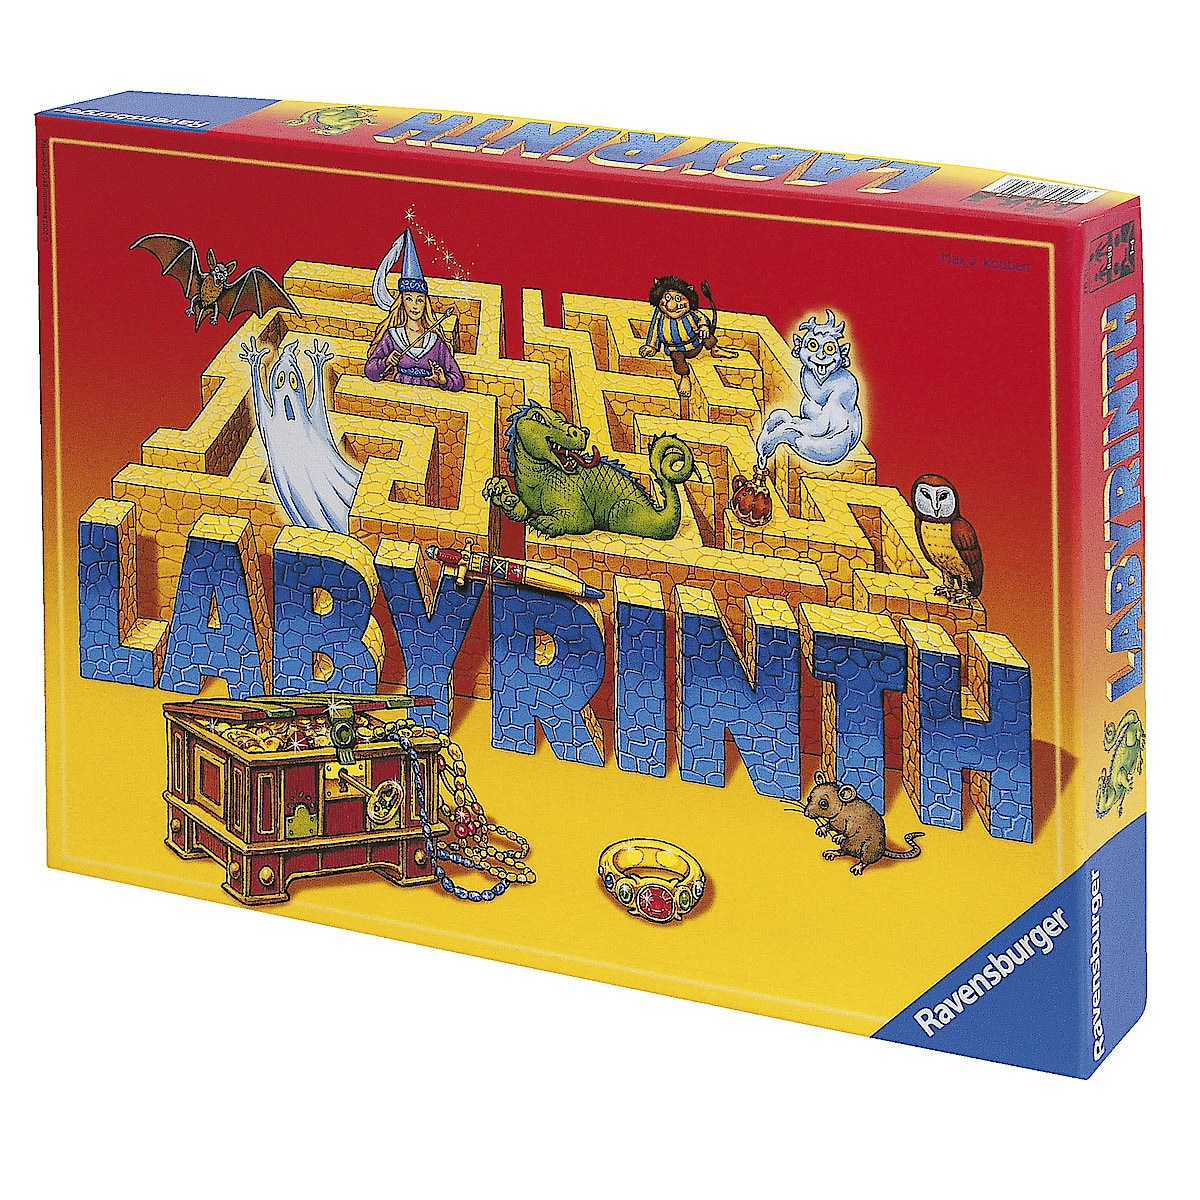 Sällskapsspel Labyrint Ravensburger